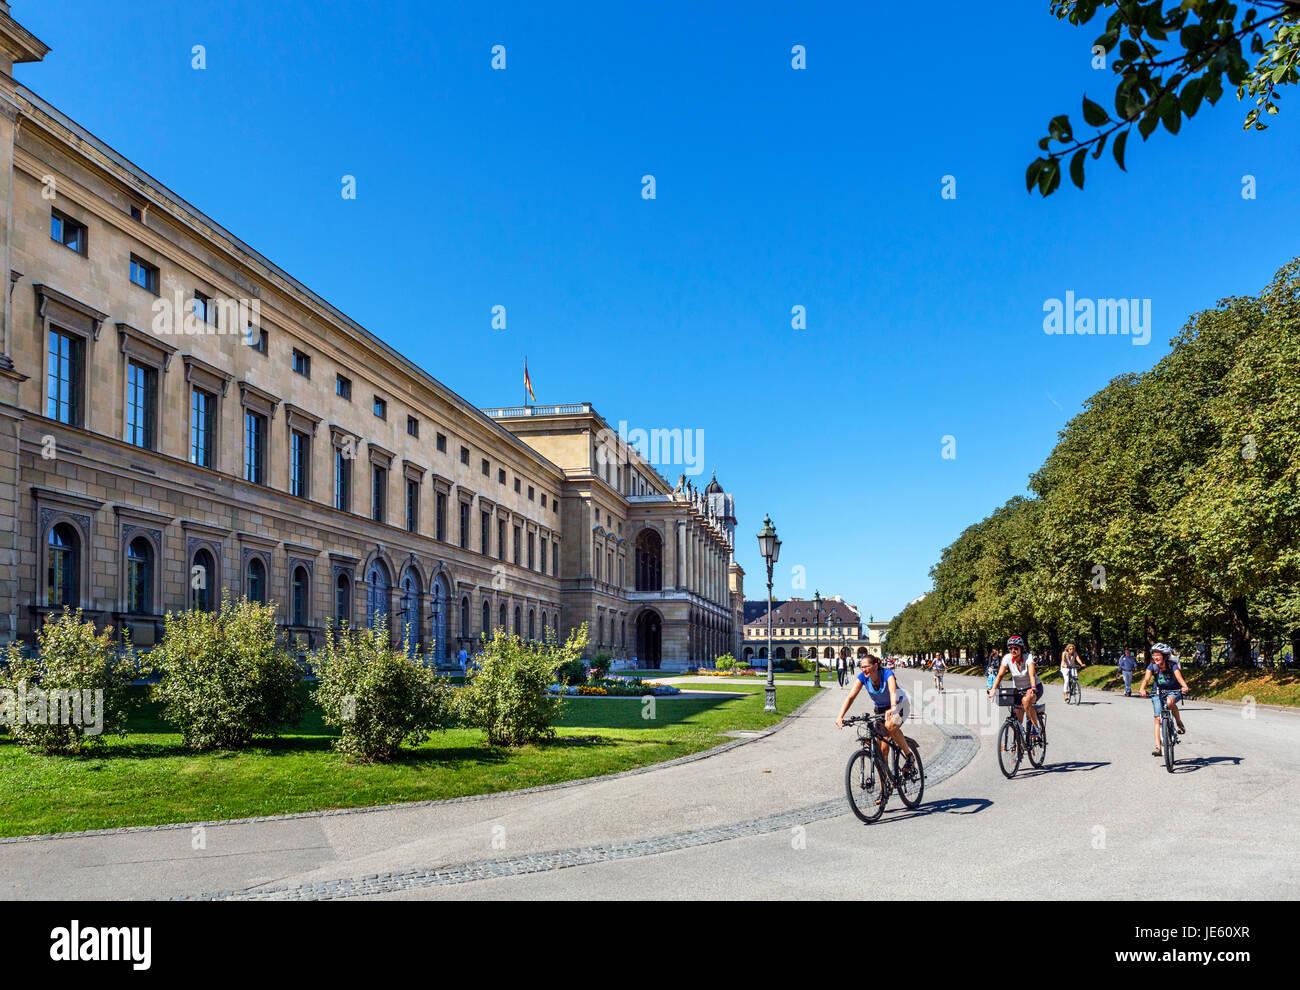 Residenz de Munich. El Hofgarten aspecto de la Residenz, el palacio real de Baviera, Múnich, Baviera, Alemania Imagen De Stock